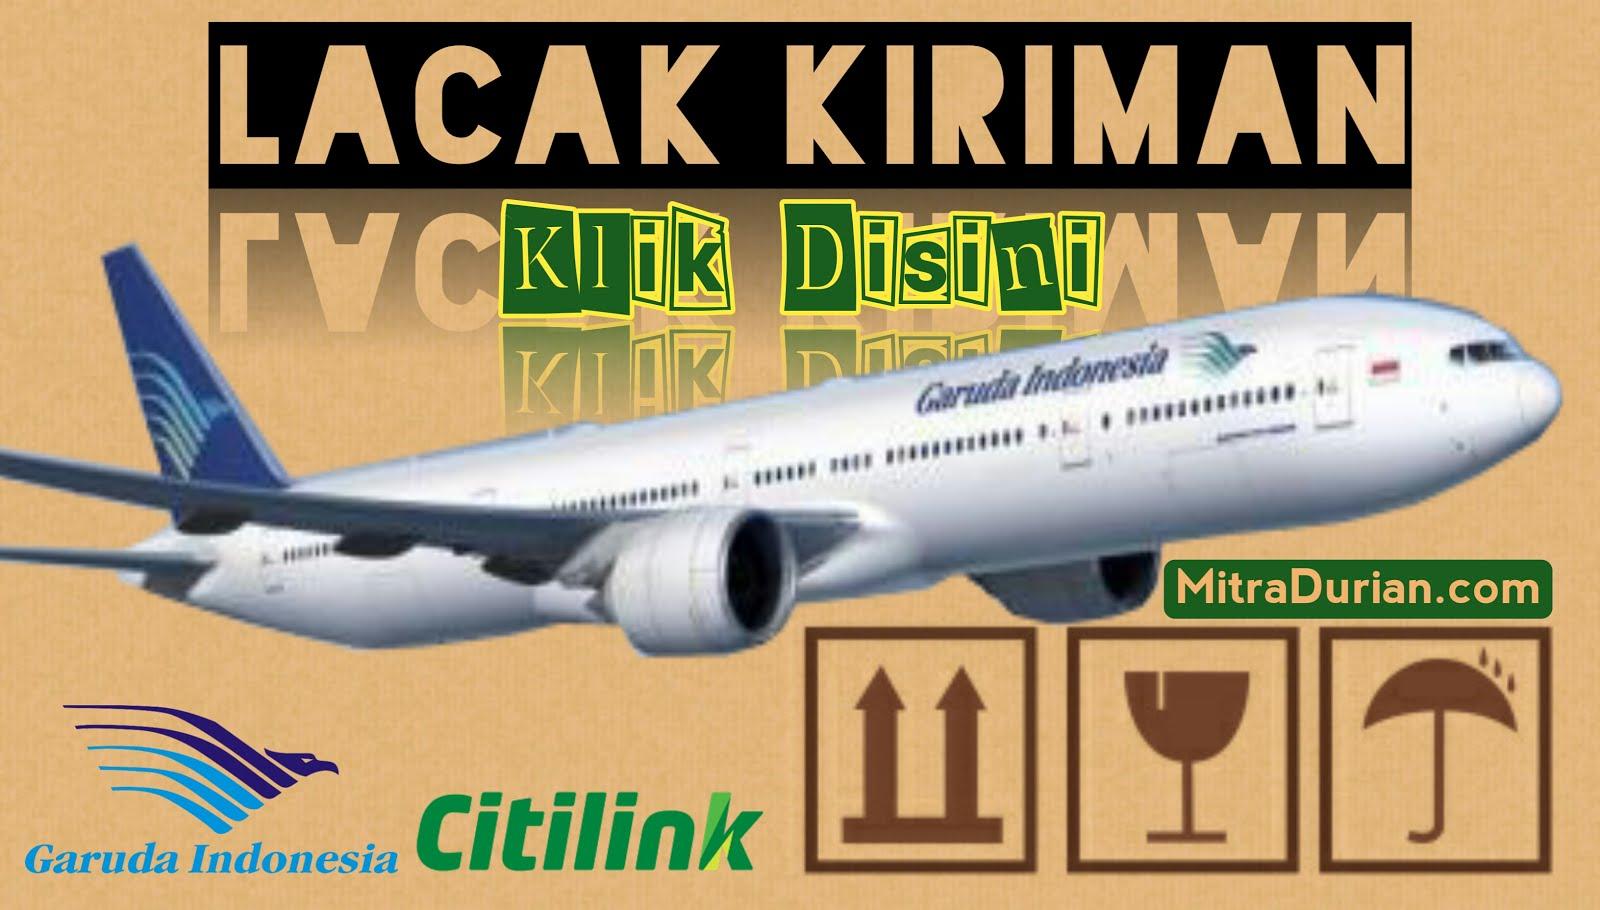 Lacak Kiriman